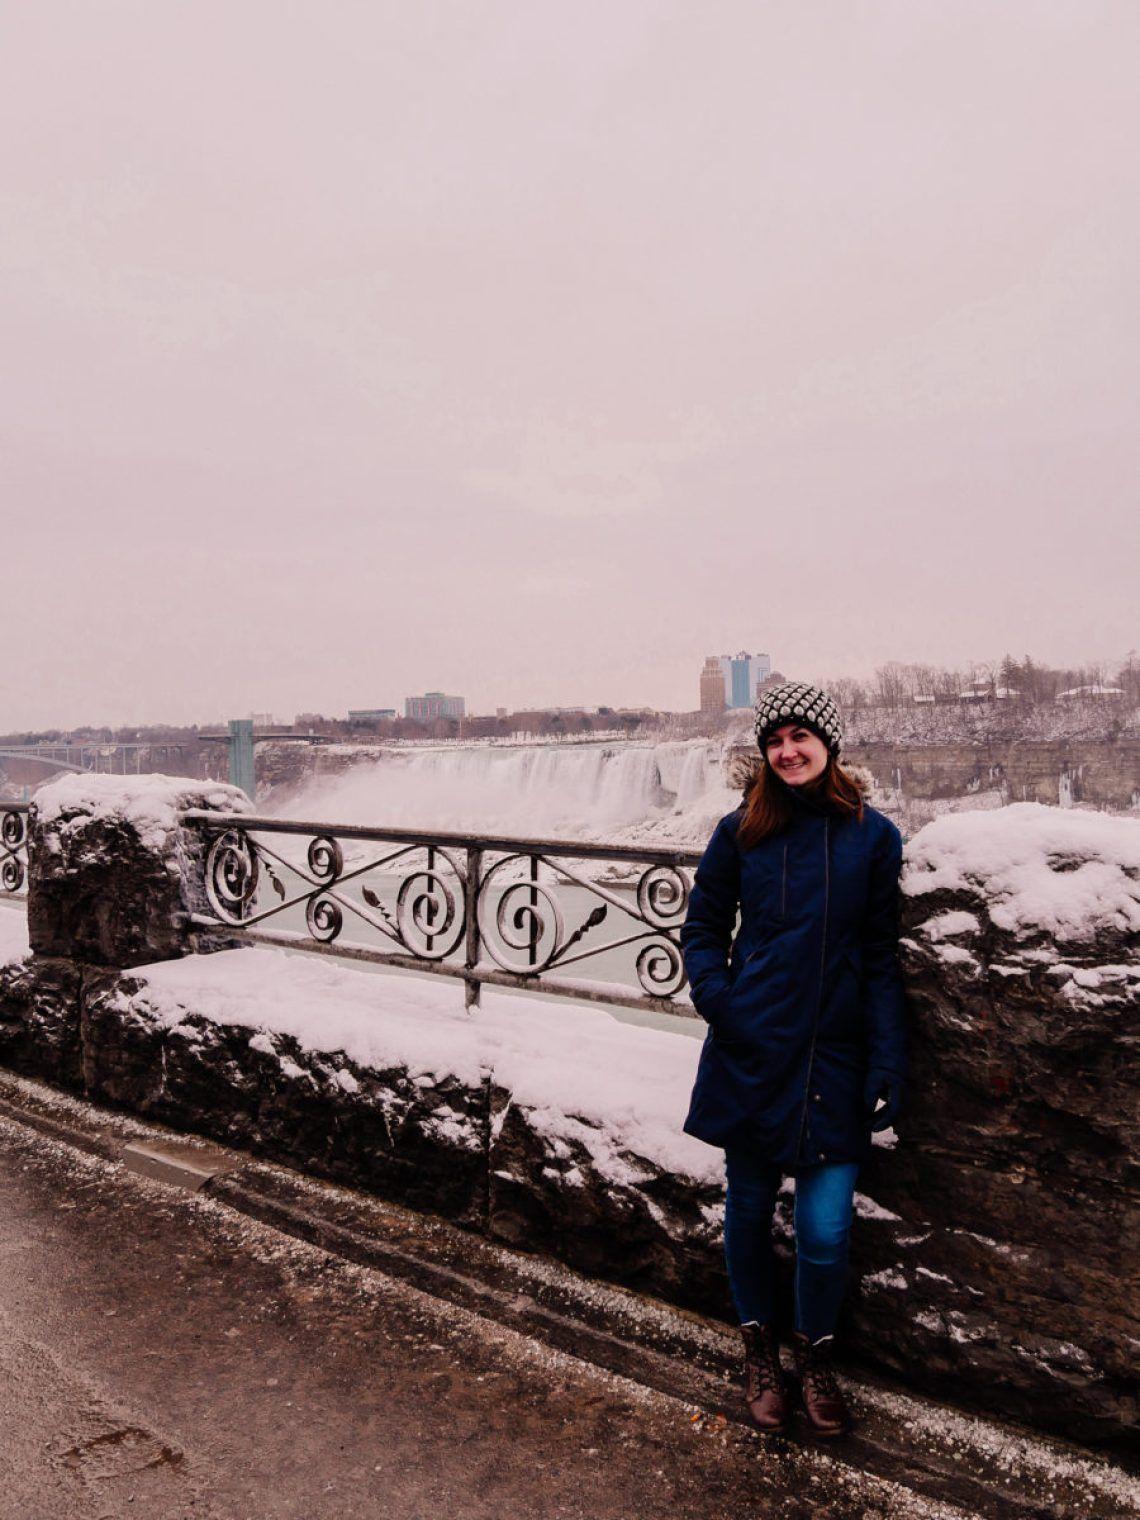 Niagara Falls In The Winter In 2020 Niagara Falls American